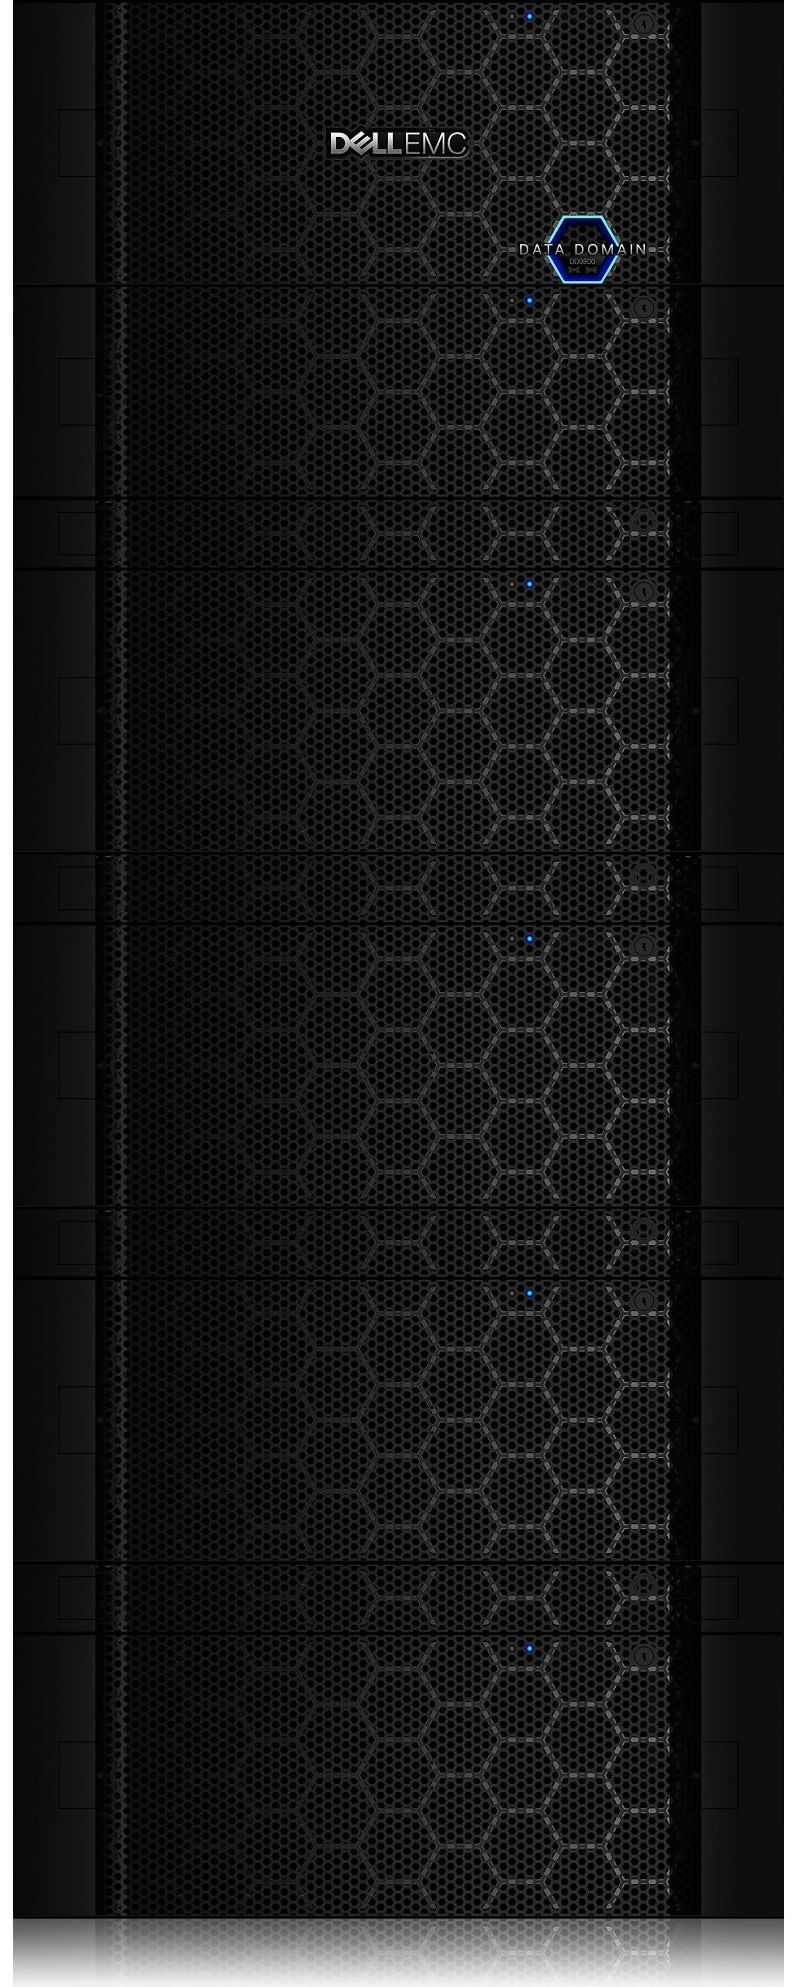 Dell EMC Data Domain DD9800